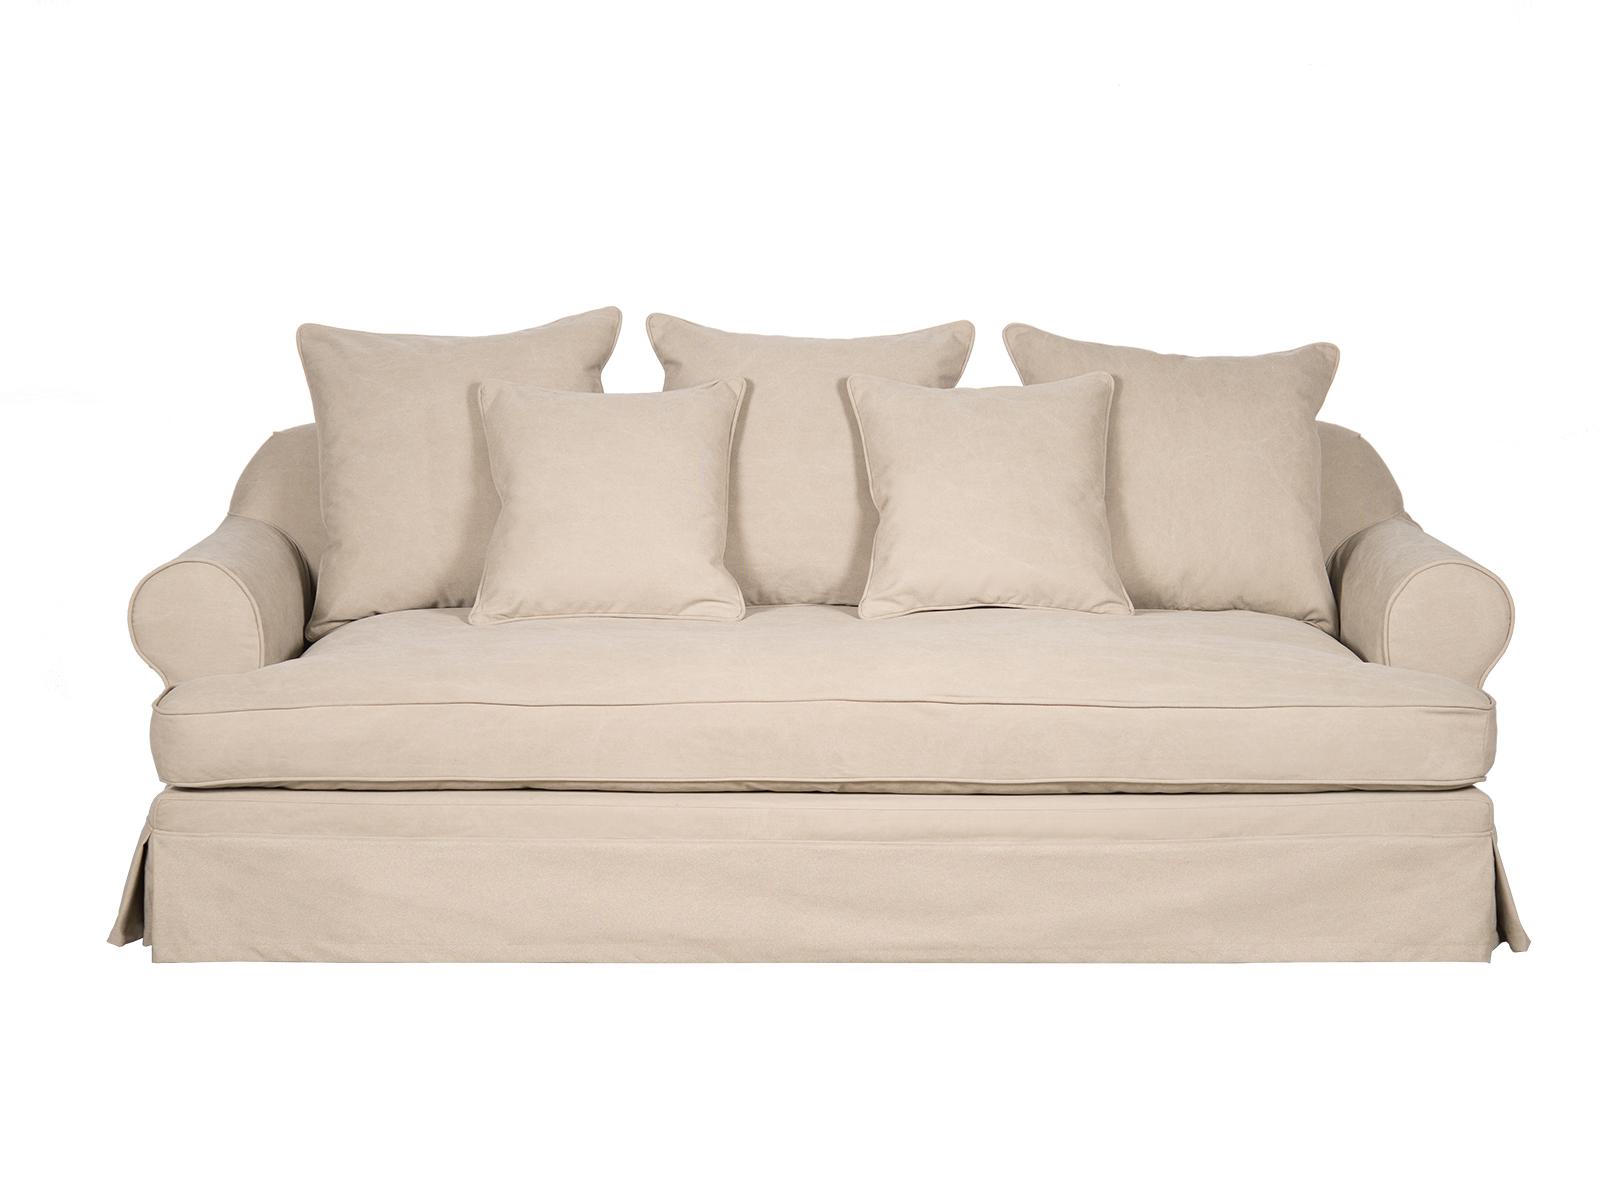 Canapea Fixa Belinda